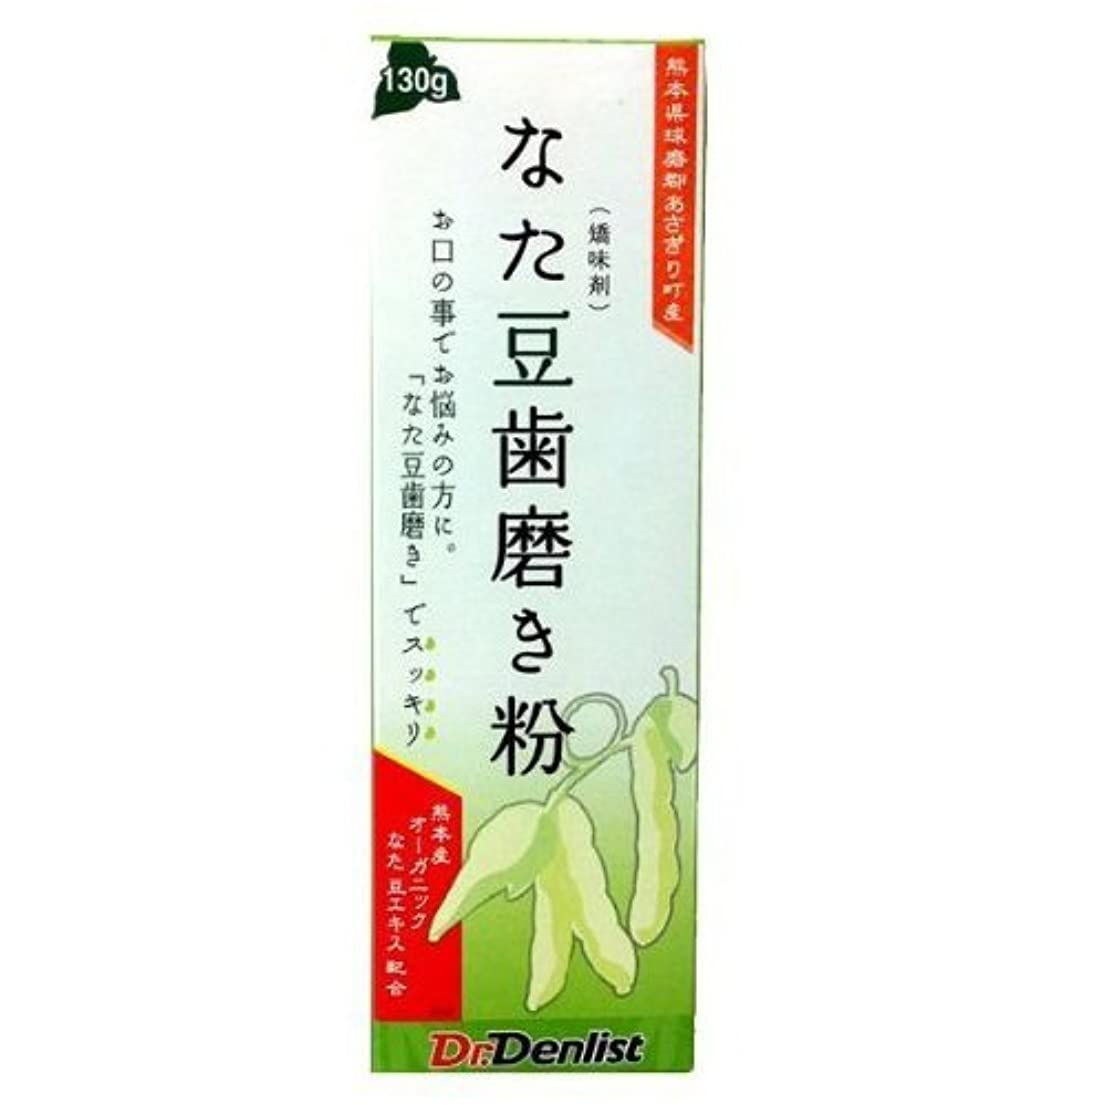 モード振るう反響するなた豆歯磨き粉 国産 130g 熊本県球磨郡あさぎり町産